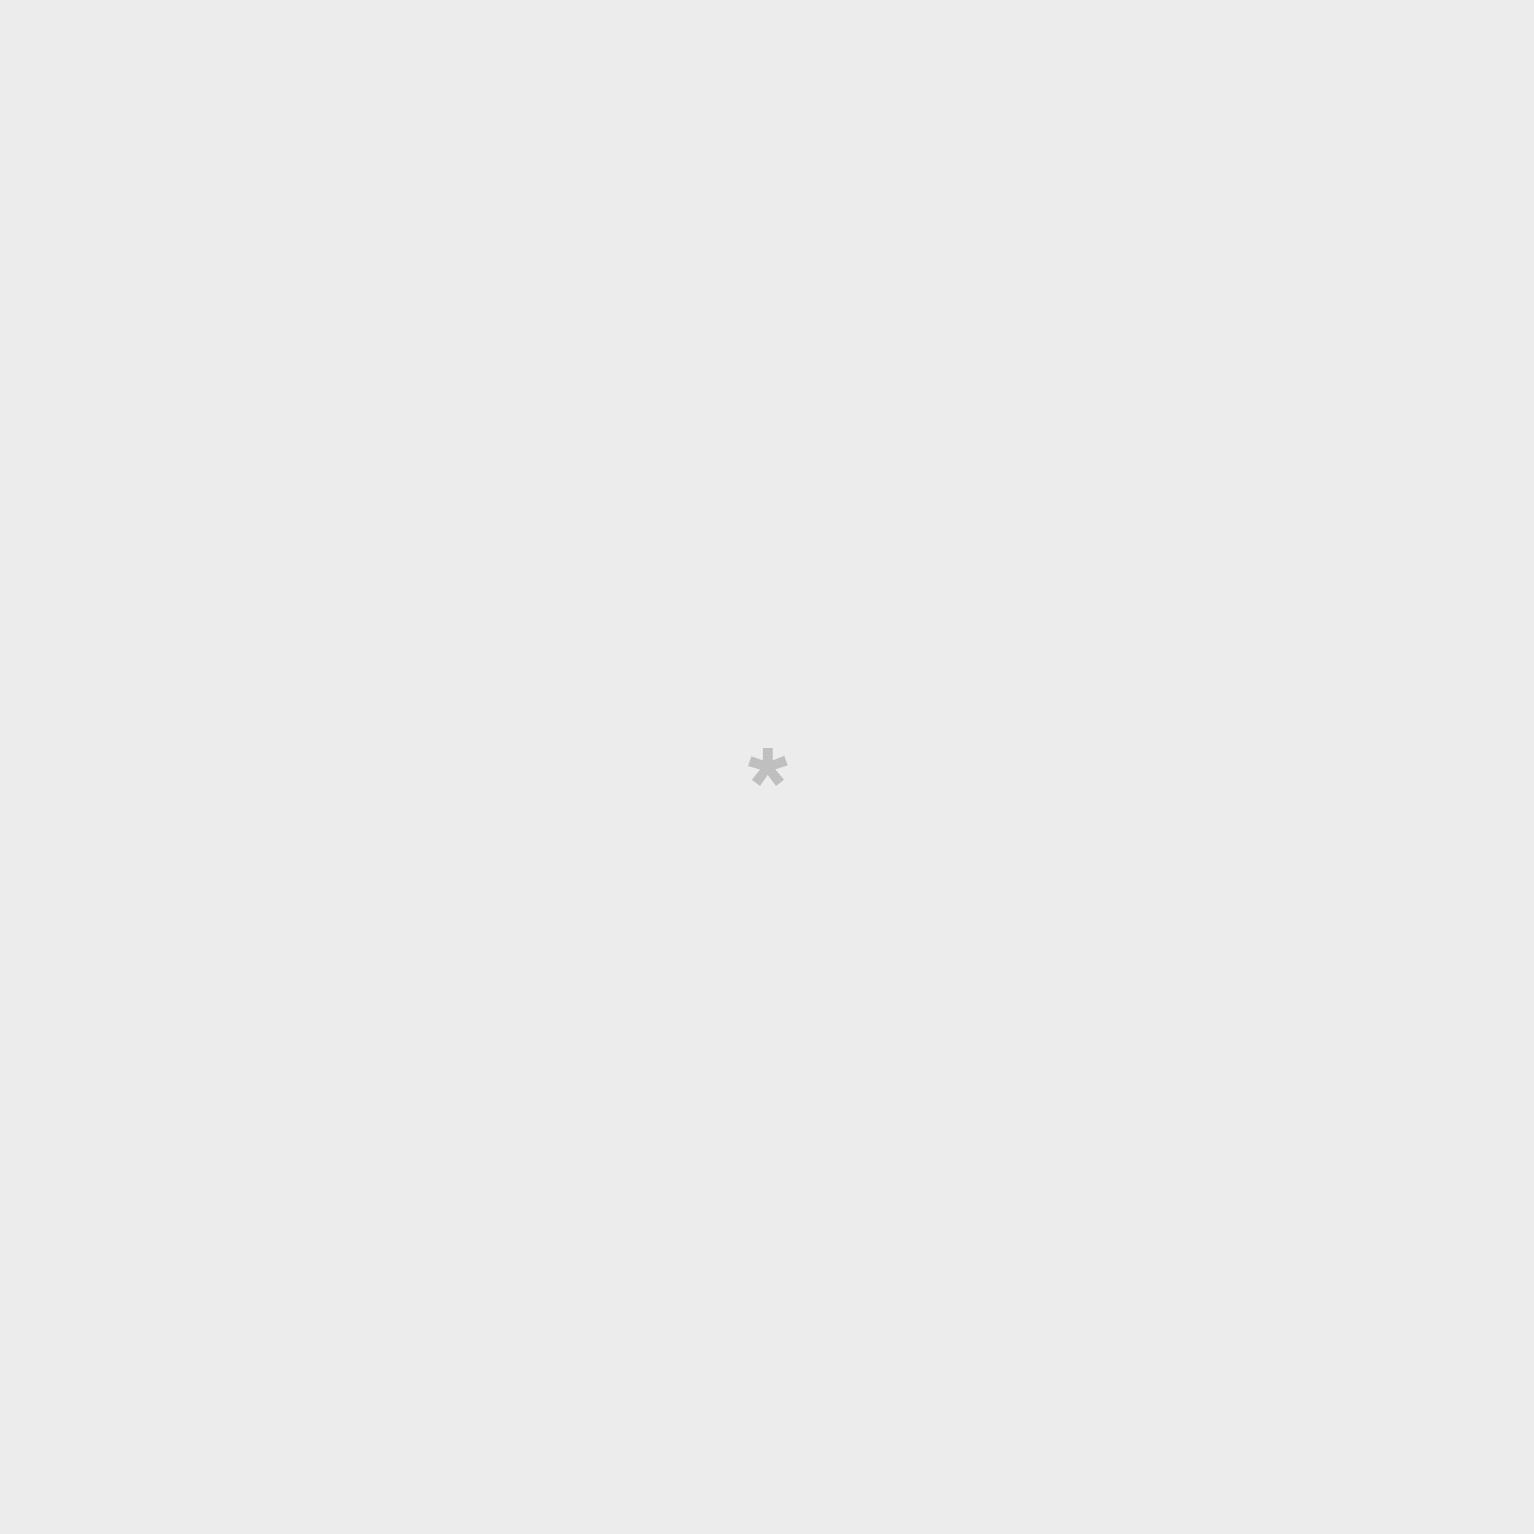 Agenda office 2022 Semanal - ¡Allá voy!